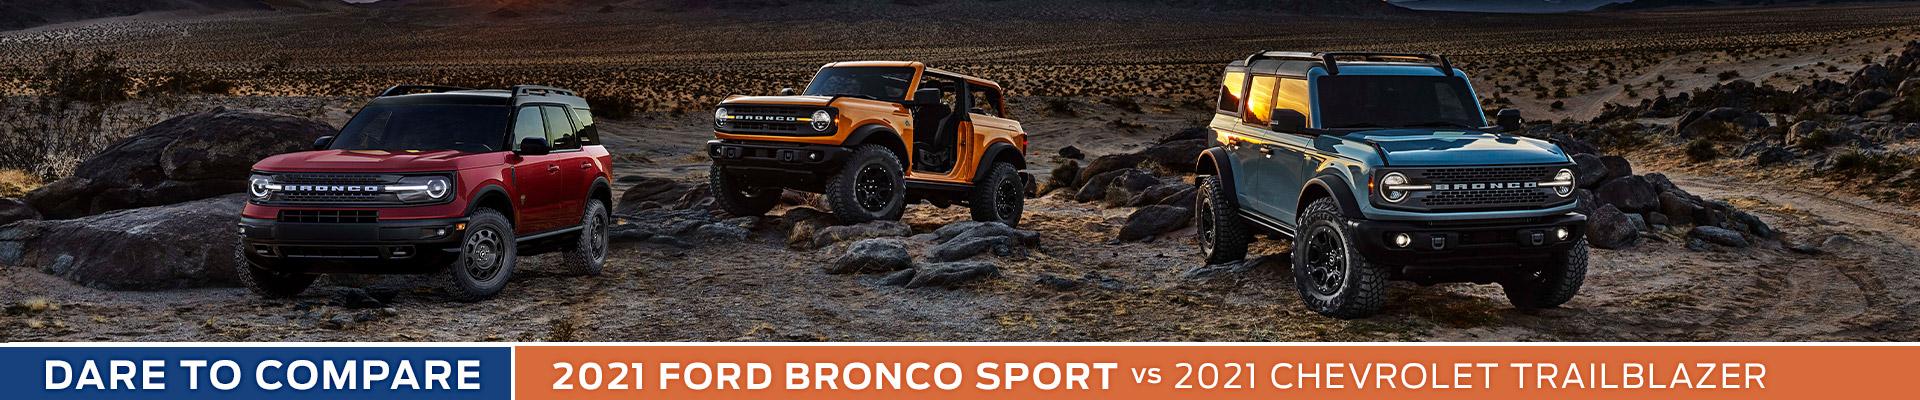 2021 Ford Bronco Sport vs. 2021 Chevy Trailblazer - Sun State Ford - Orlando, FL